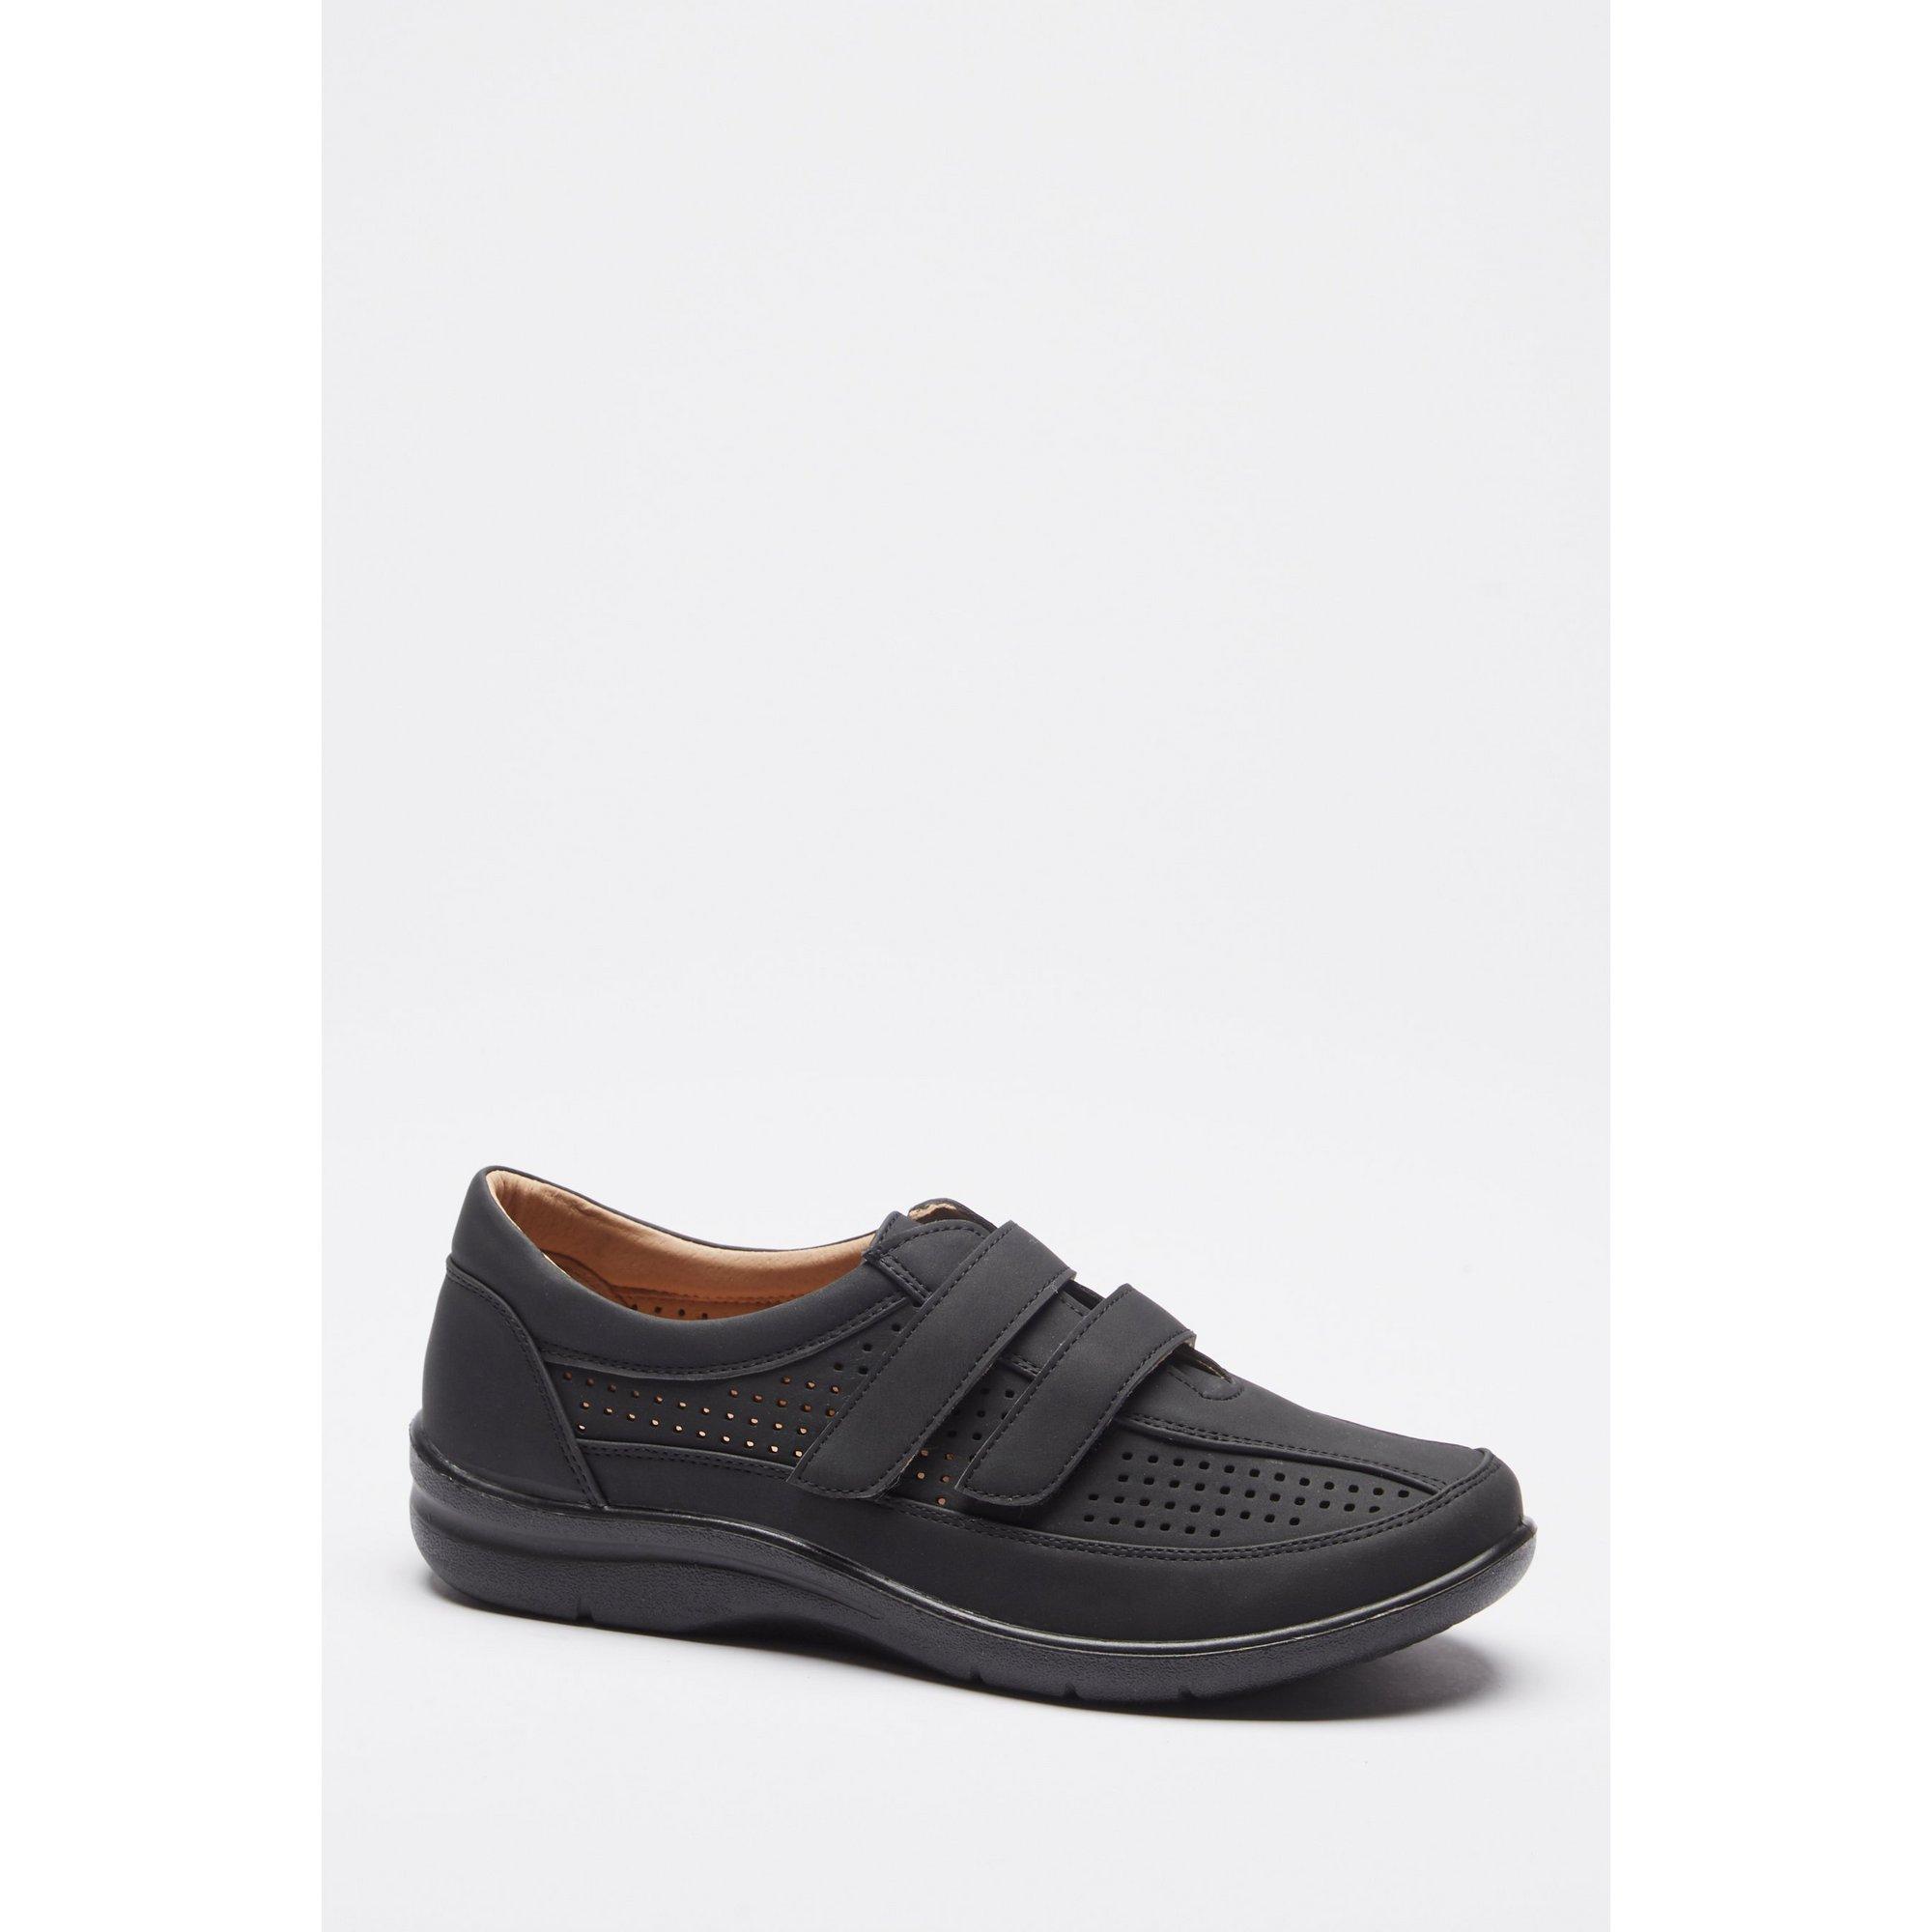 Image of Cushion Walk Black Shoes